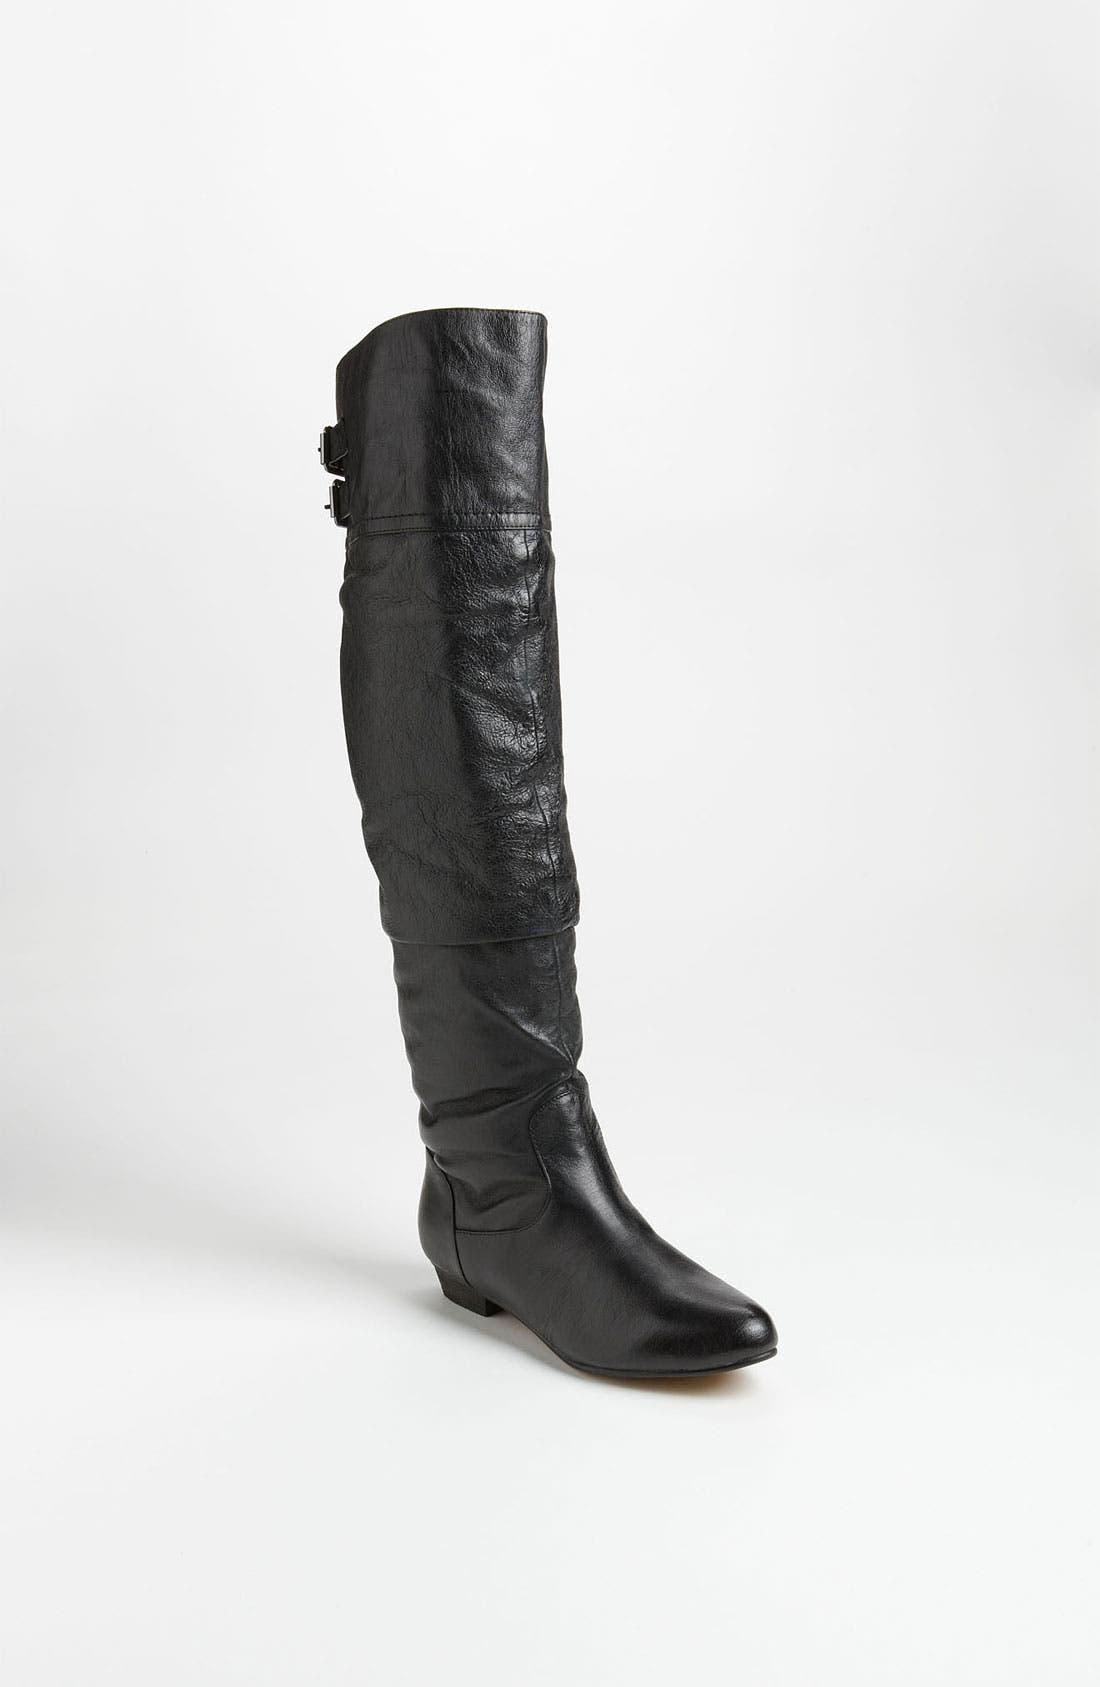 Alternate Image 1 Selected - Steve Madden 'Caliko' Over the Knee Boot